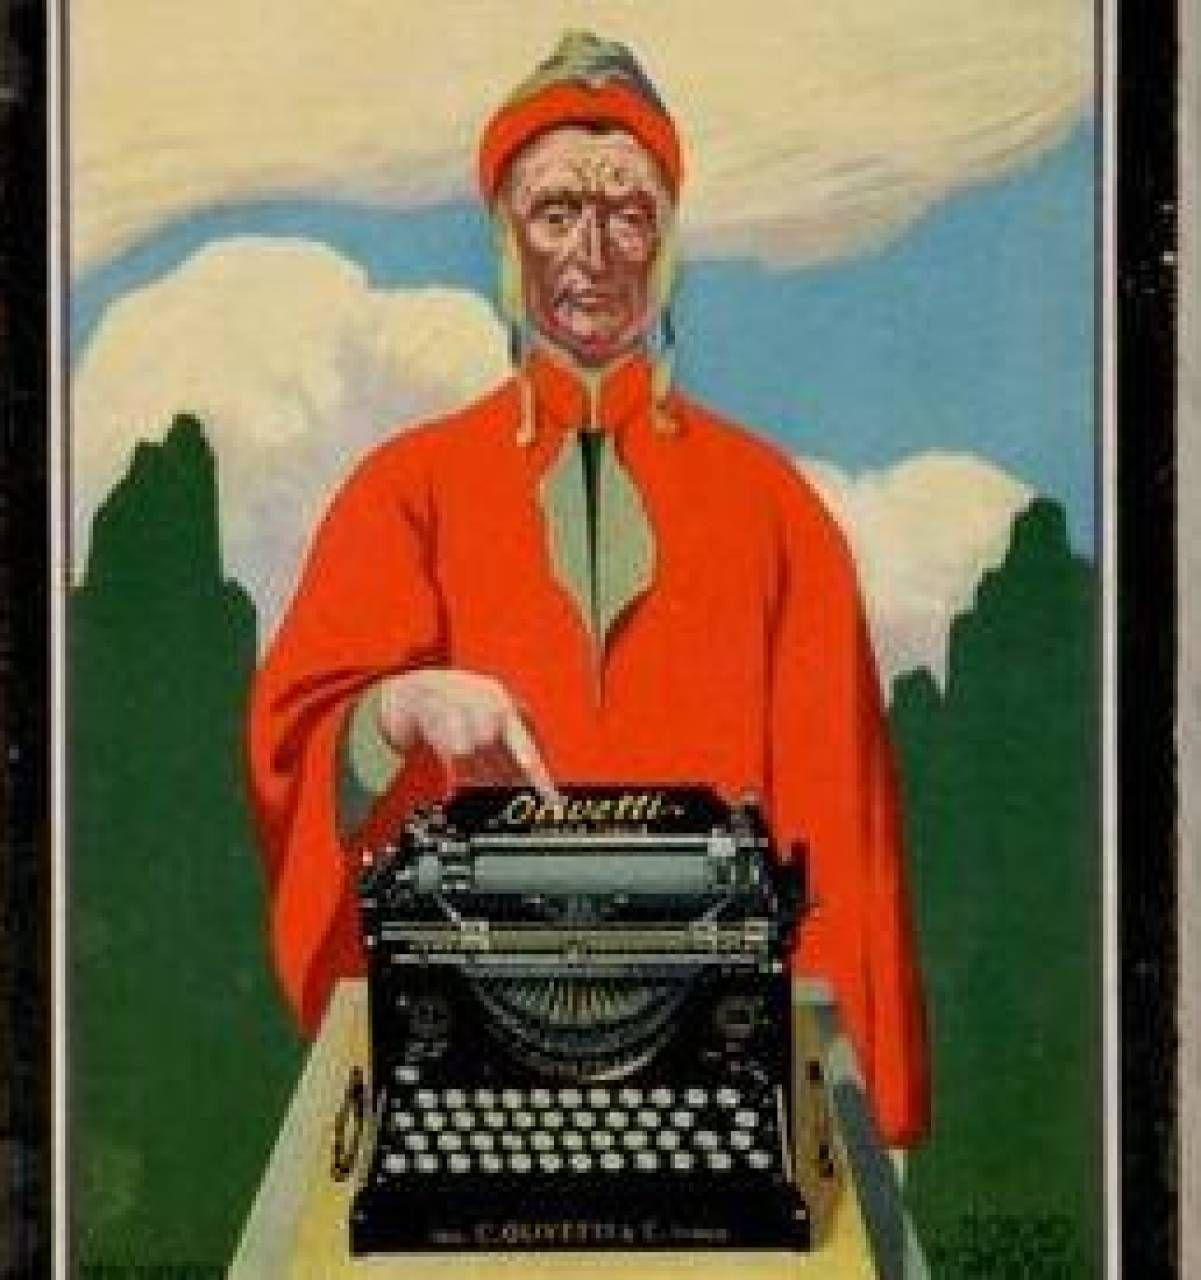 Locandina Olivetti di Teodoro Wolf Ferrari, una delle opere che saranno esposte al Mar di Ravenna. . Sopra, il prospetto della Tomba di Dante dell'architetto Camillo Morigia